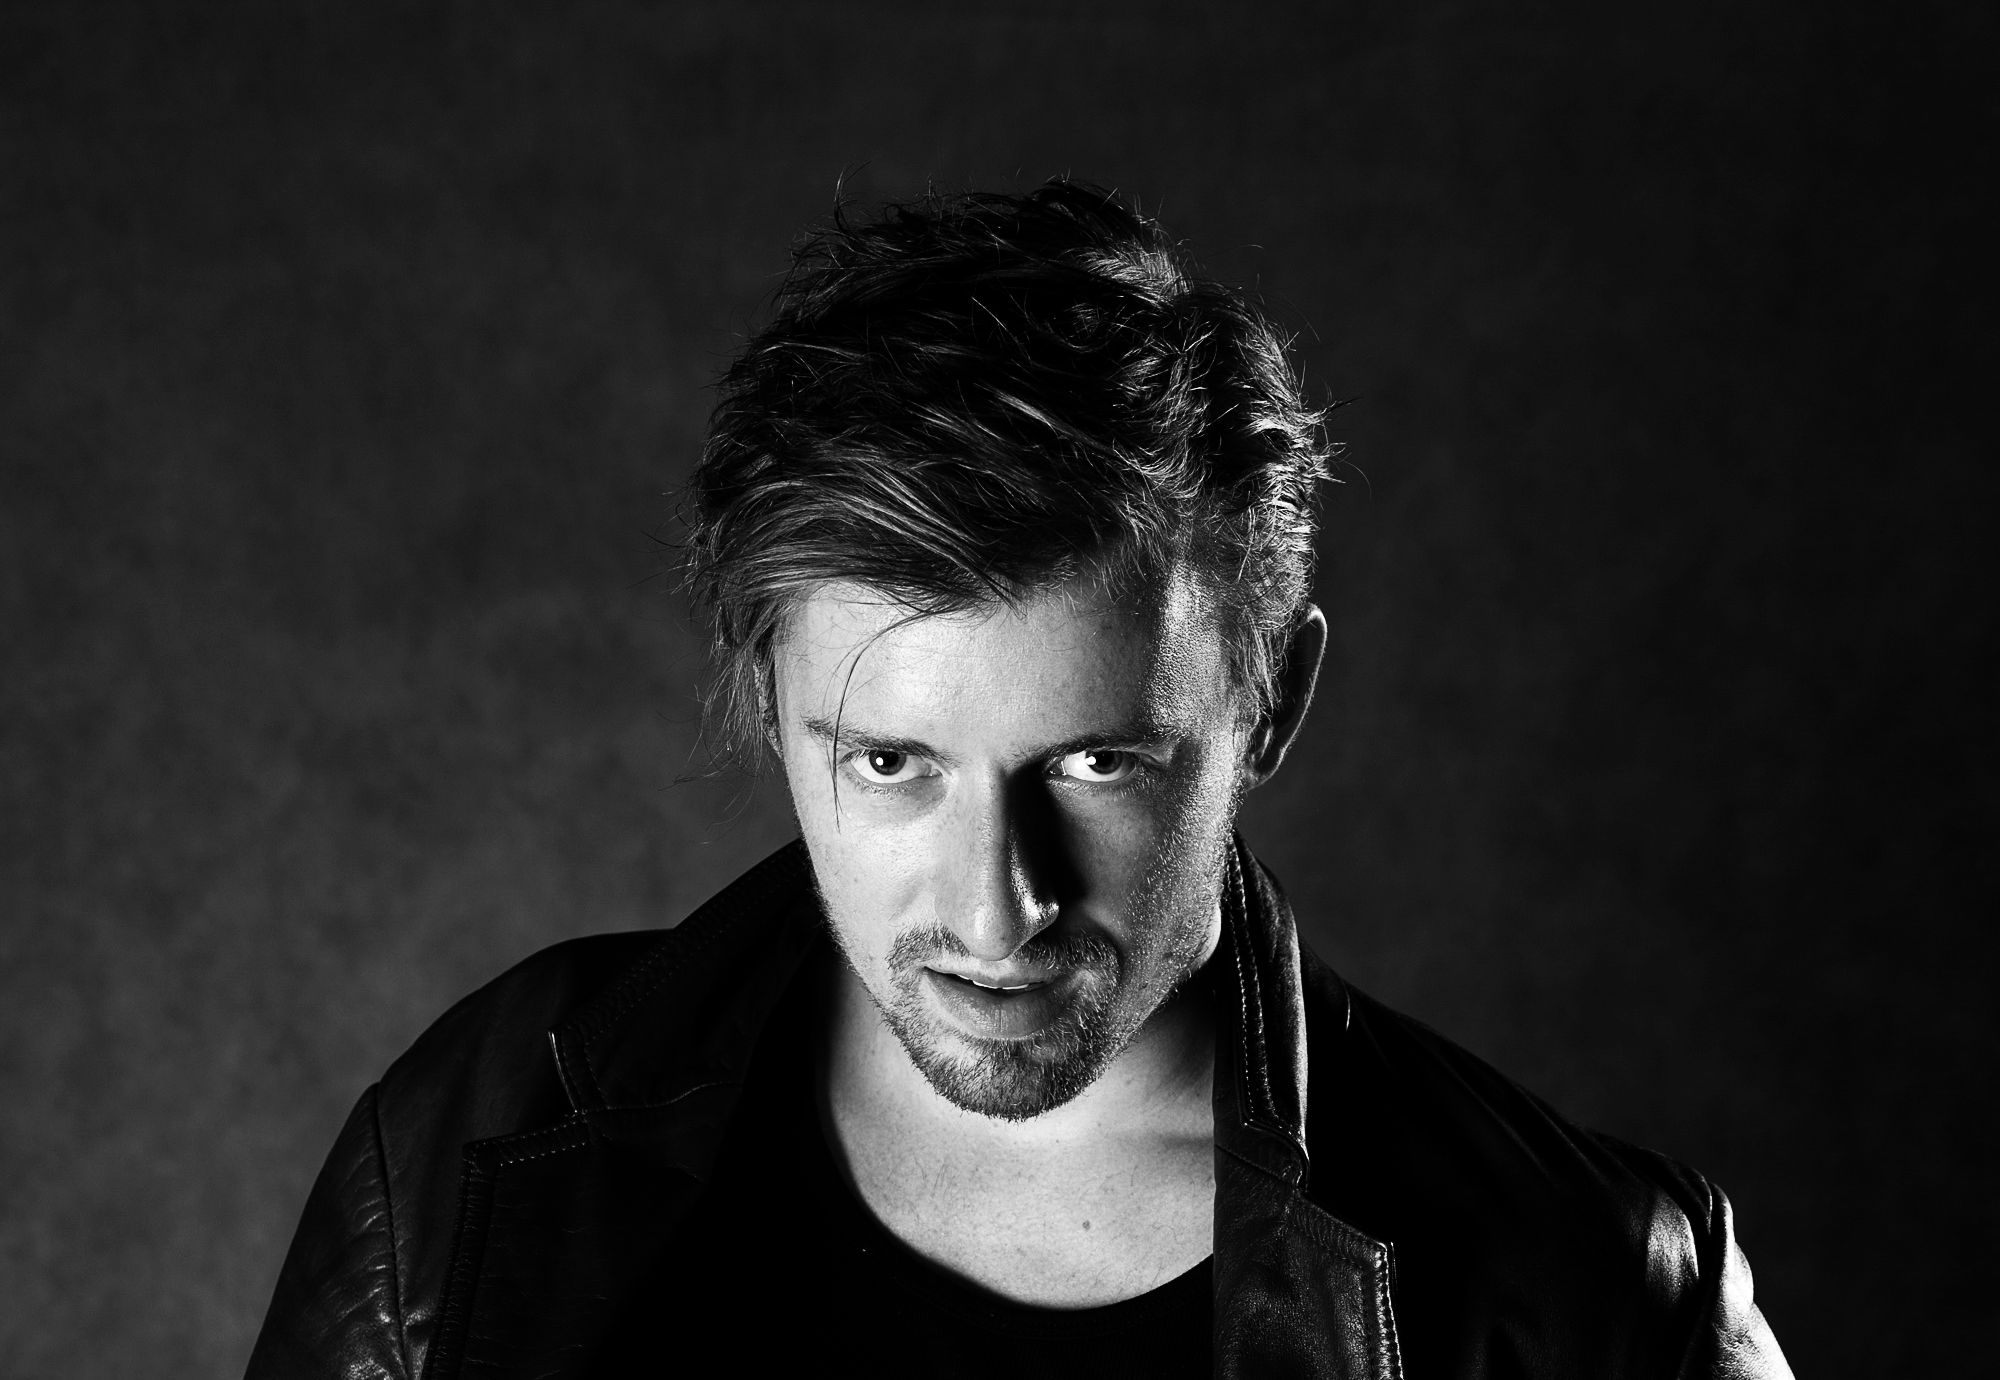 Daniel Mosior IQ ART Agencja Aktorska (4)